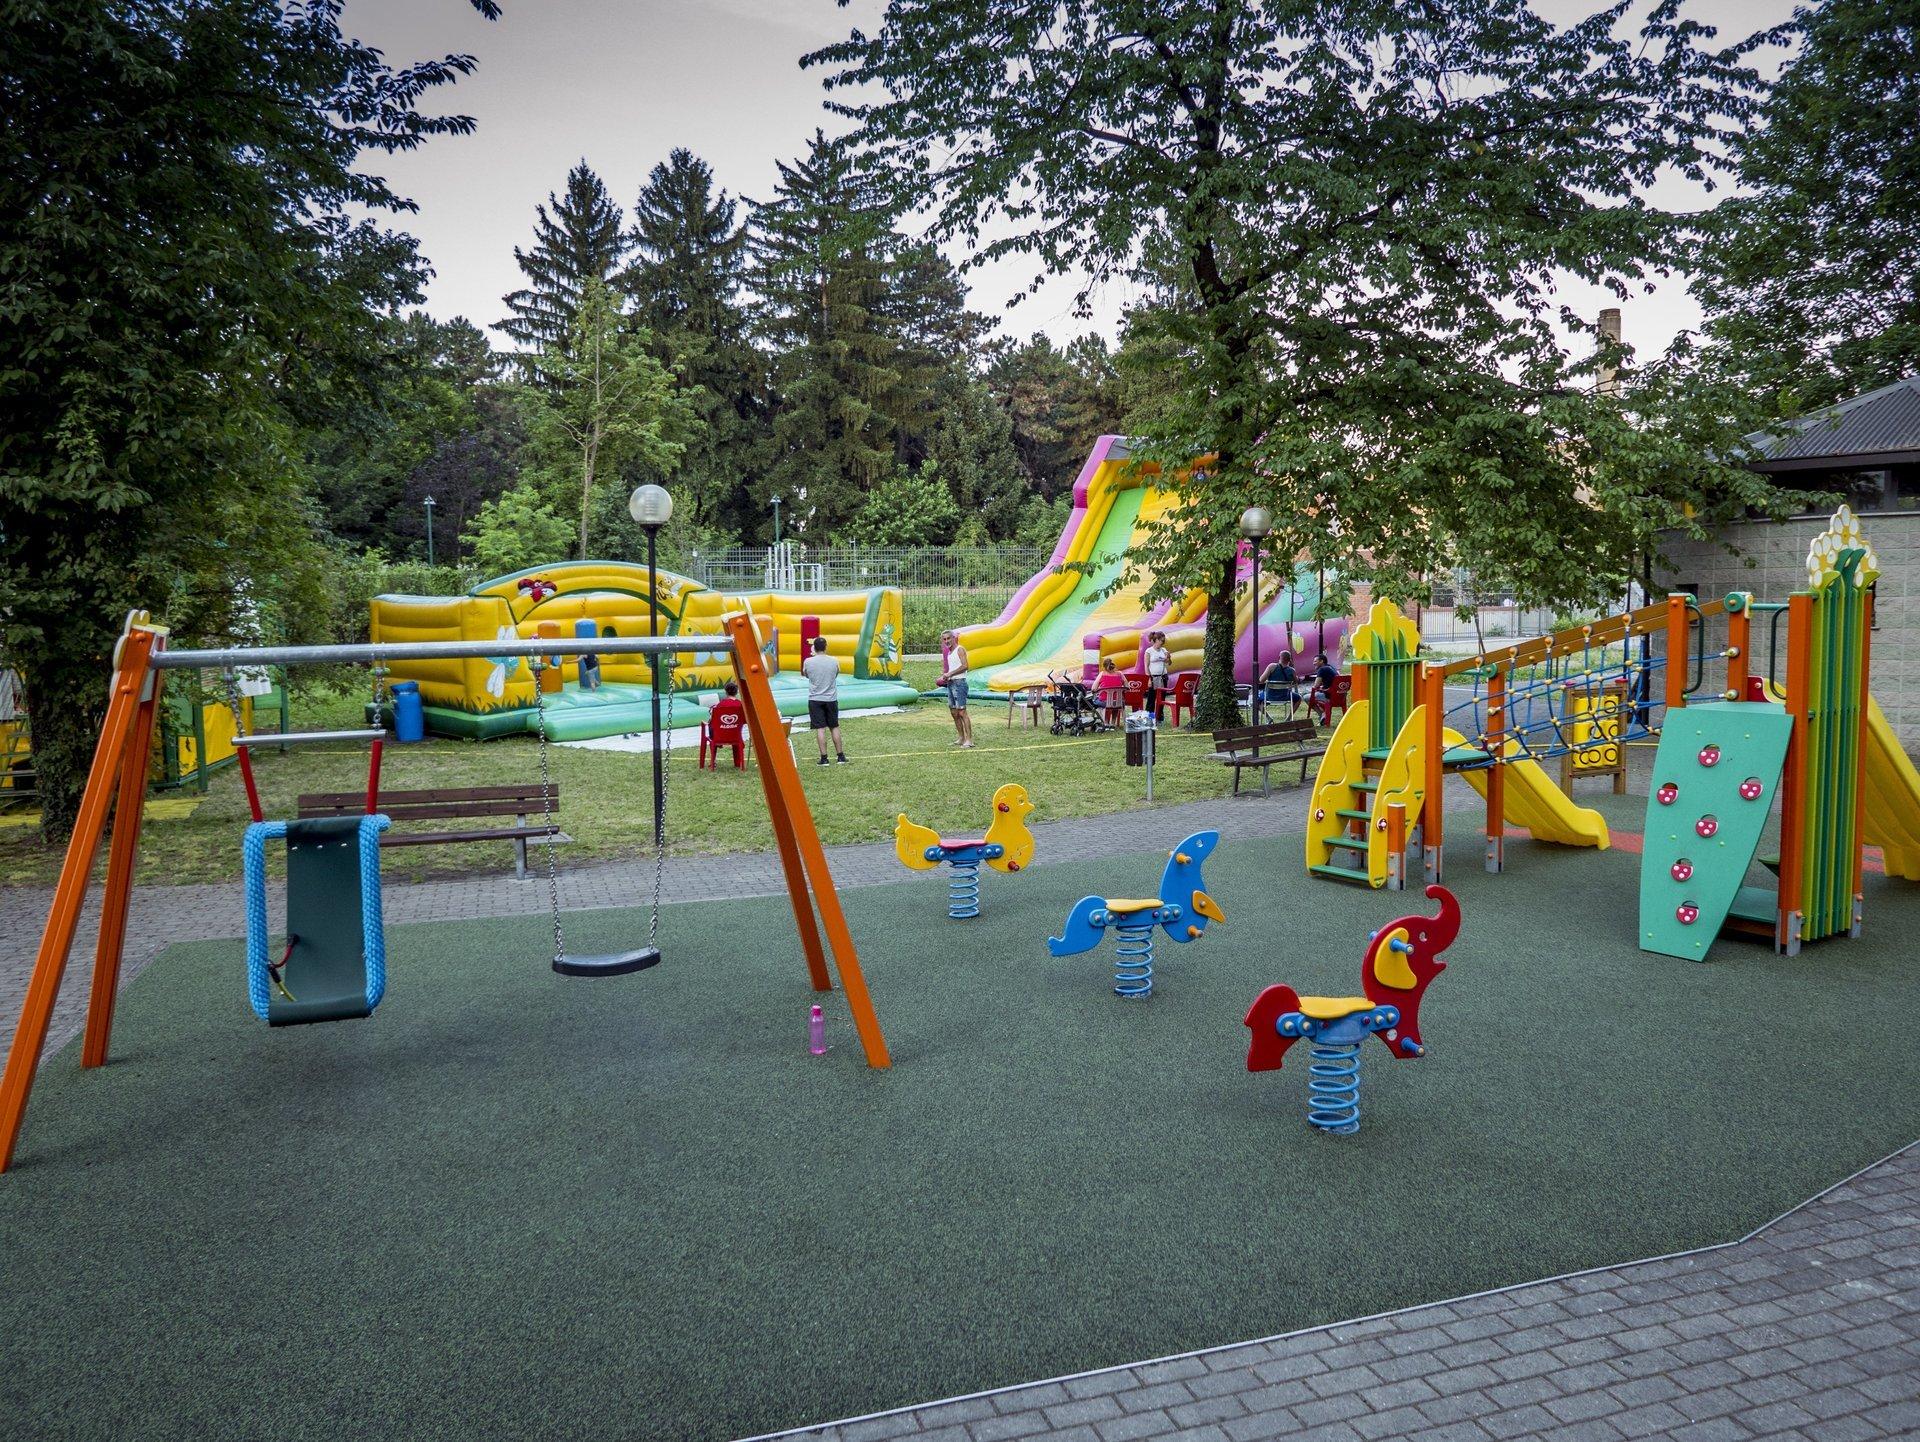 parco giochi con genitori e bambini